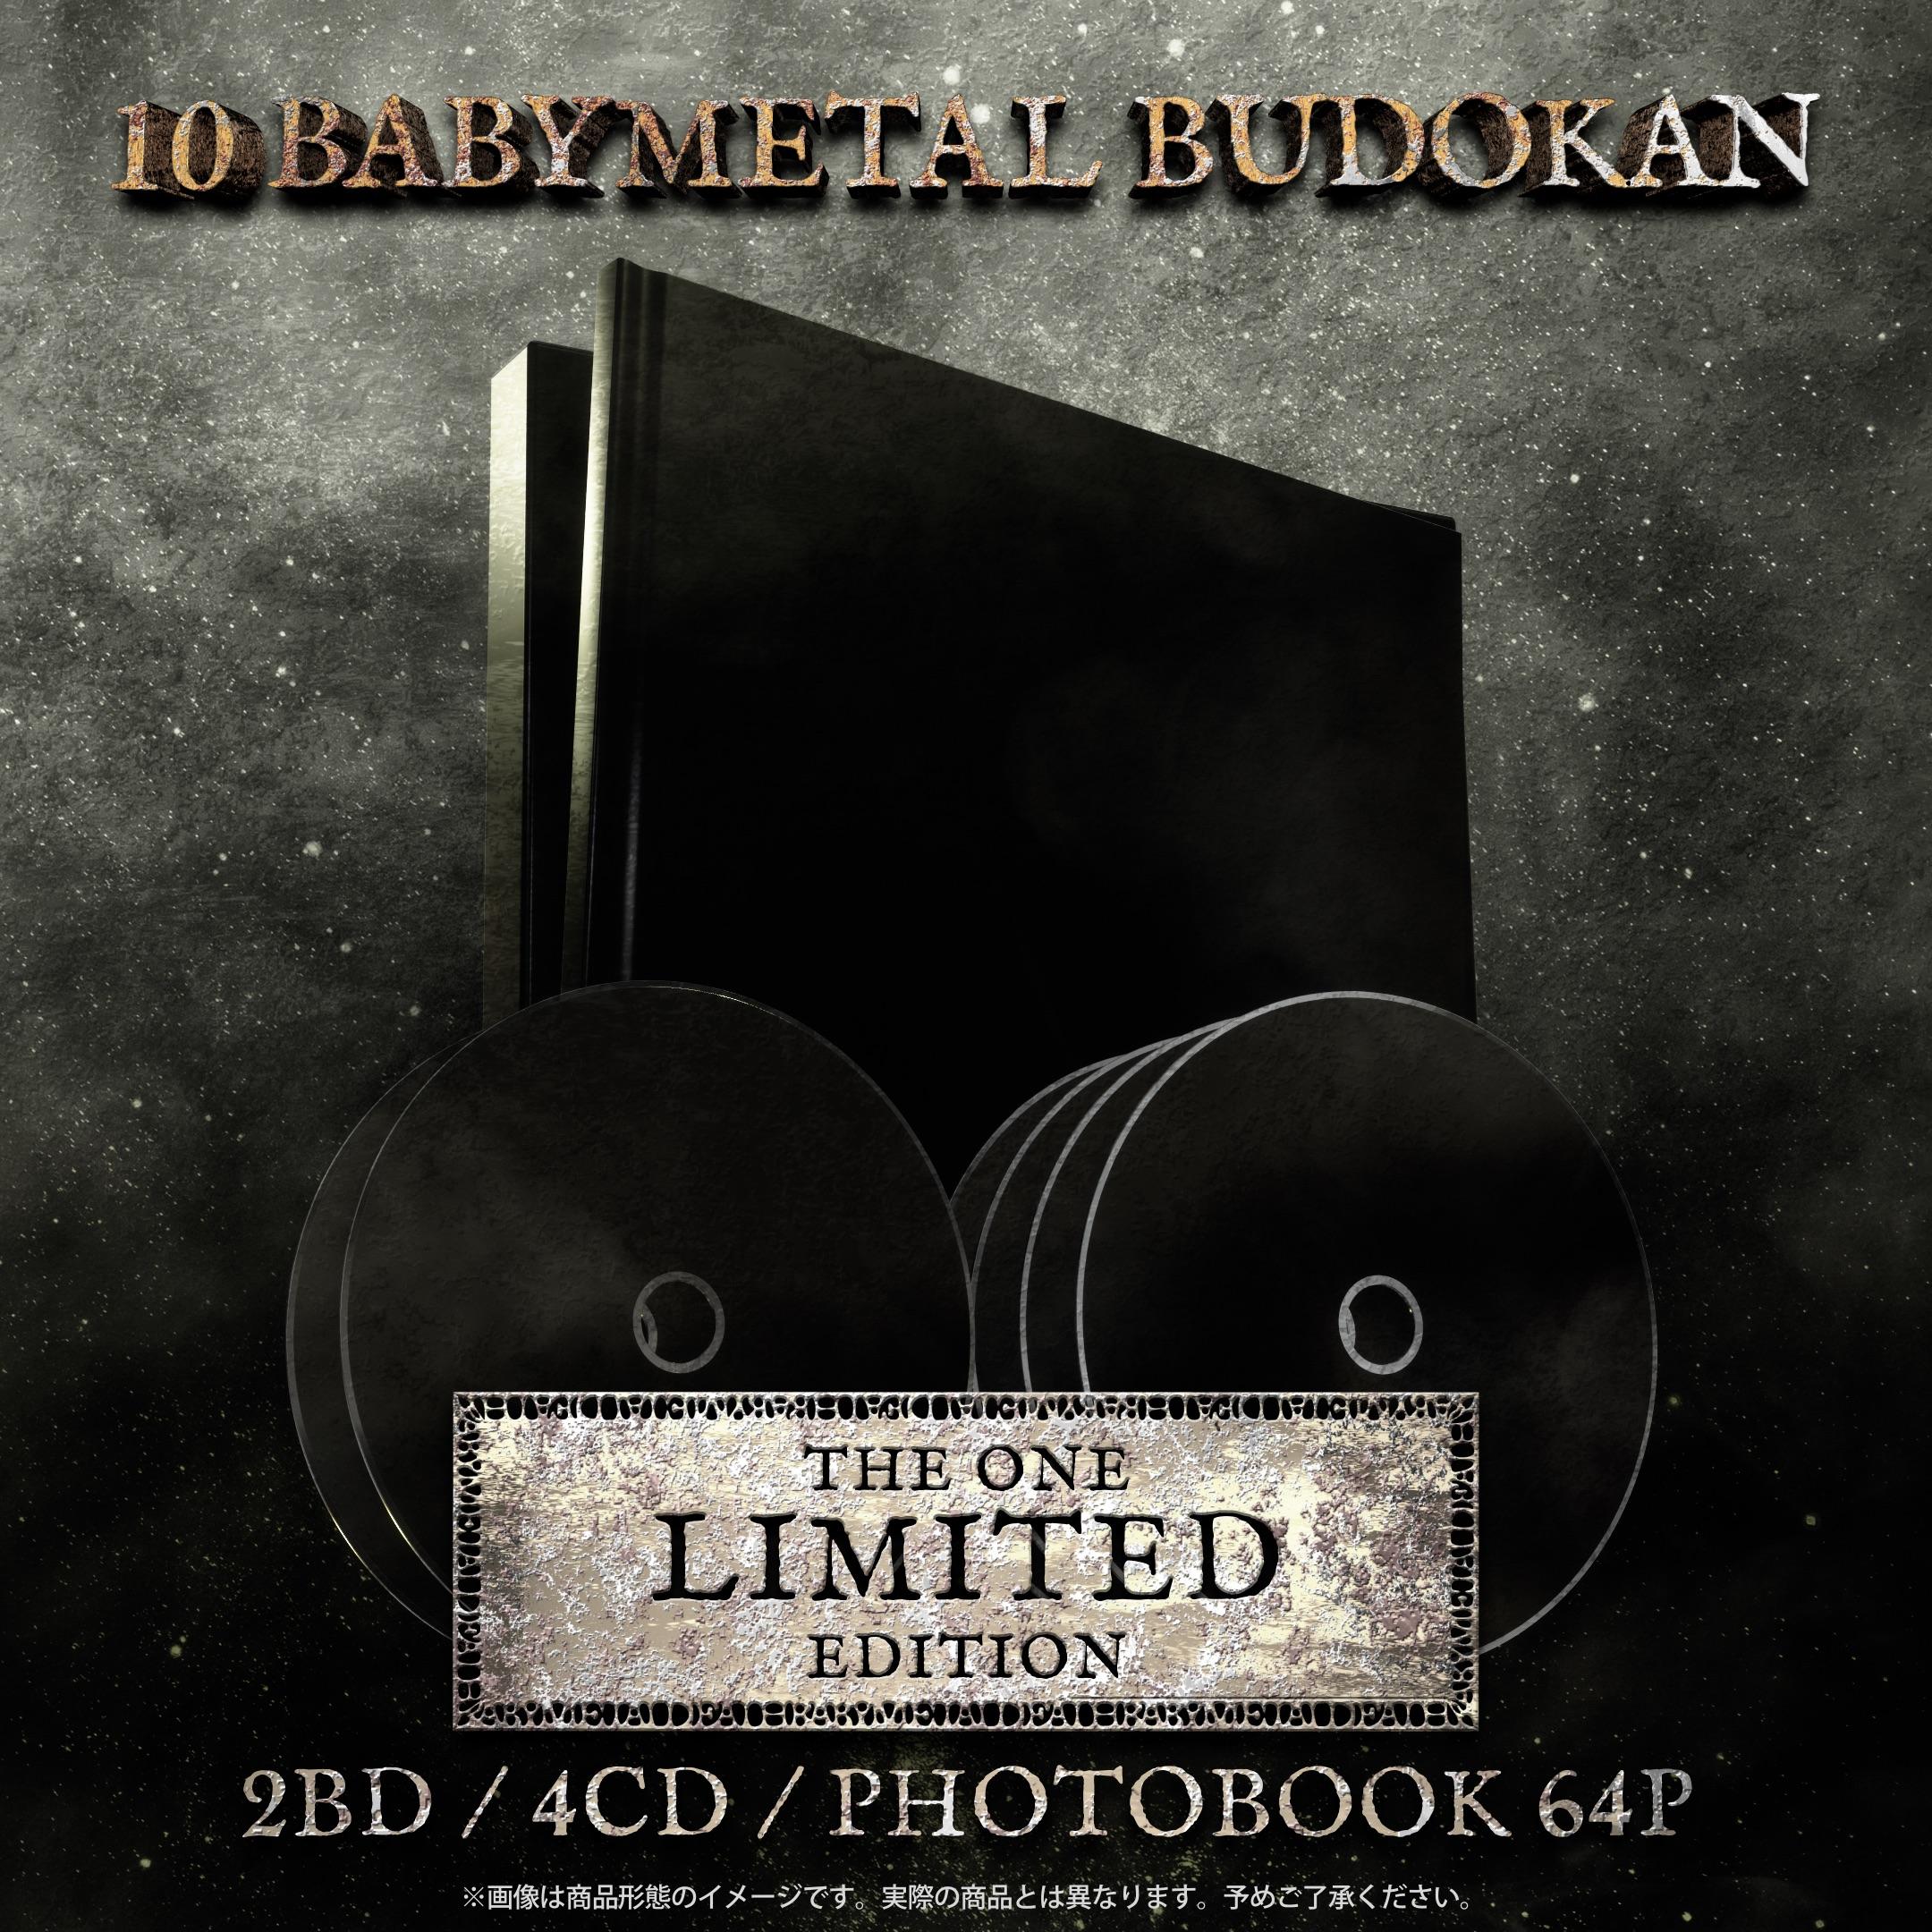 %e3%80%8e10-babymetal-budokan%e3%80%8f-the-one-limited-edition